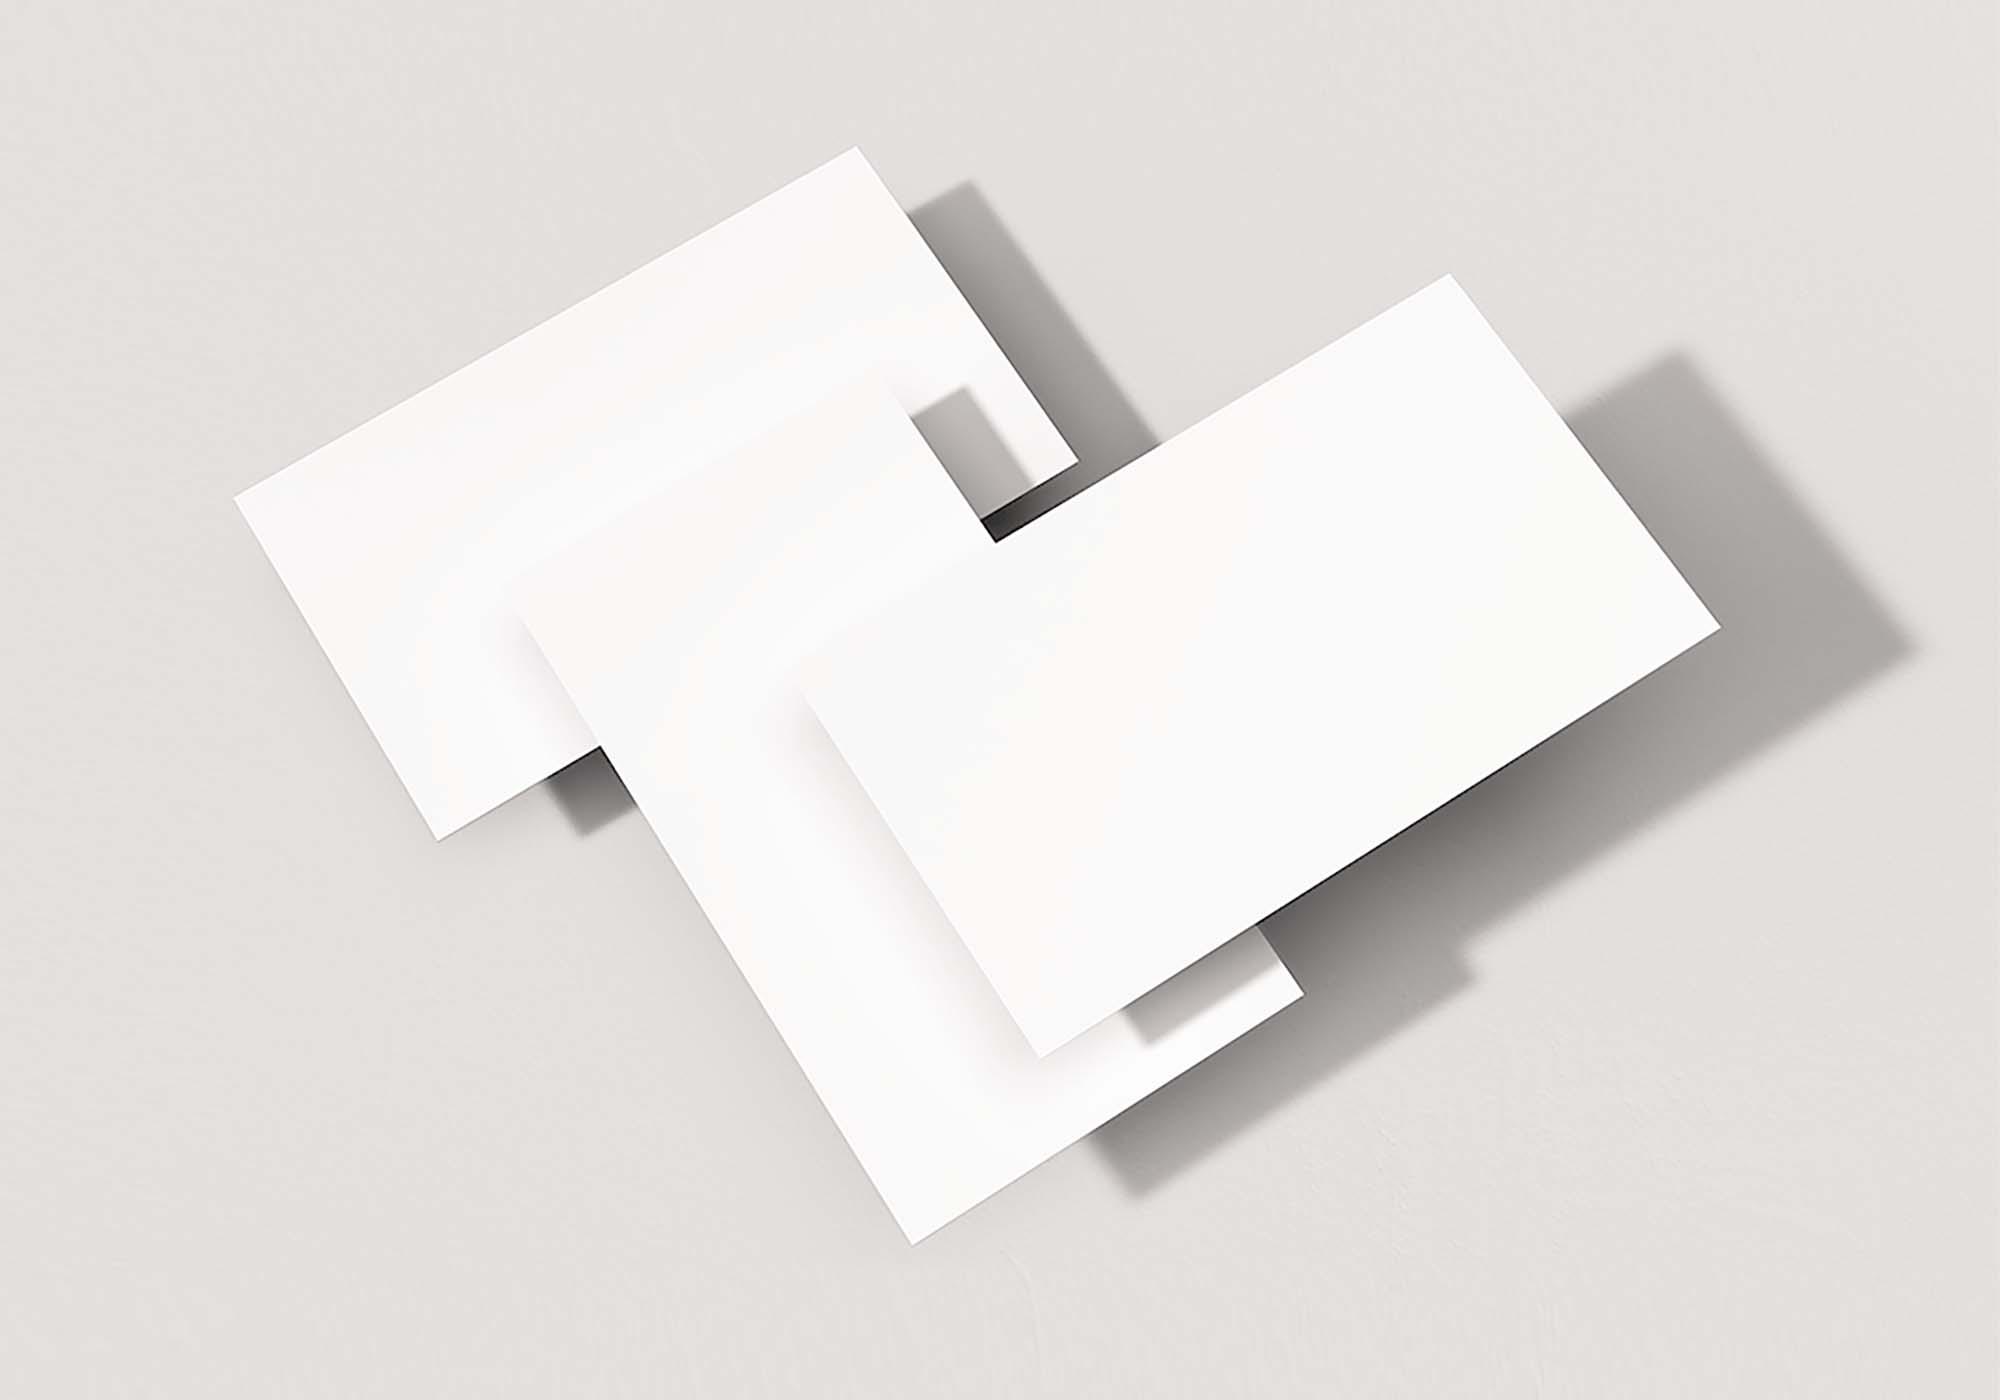 Basic Stationery Mockup 4